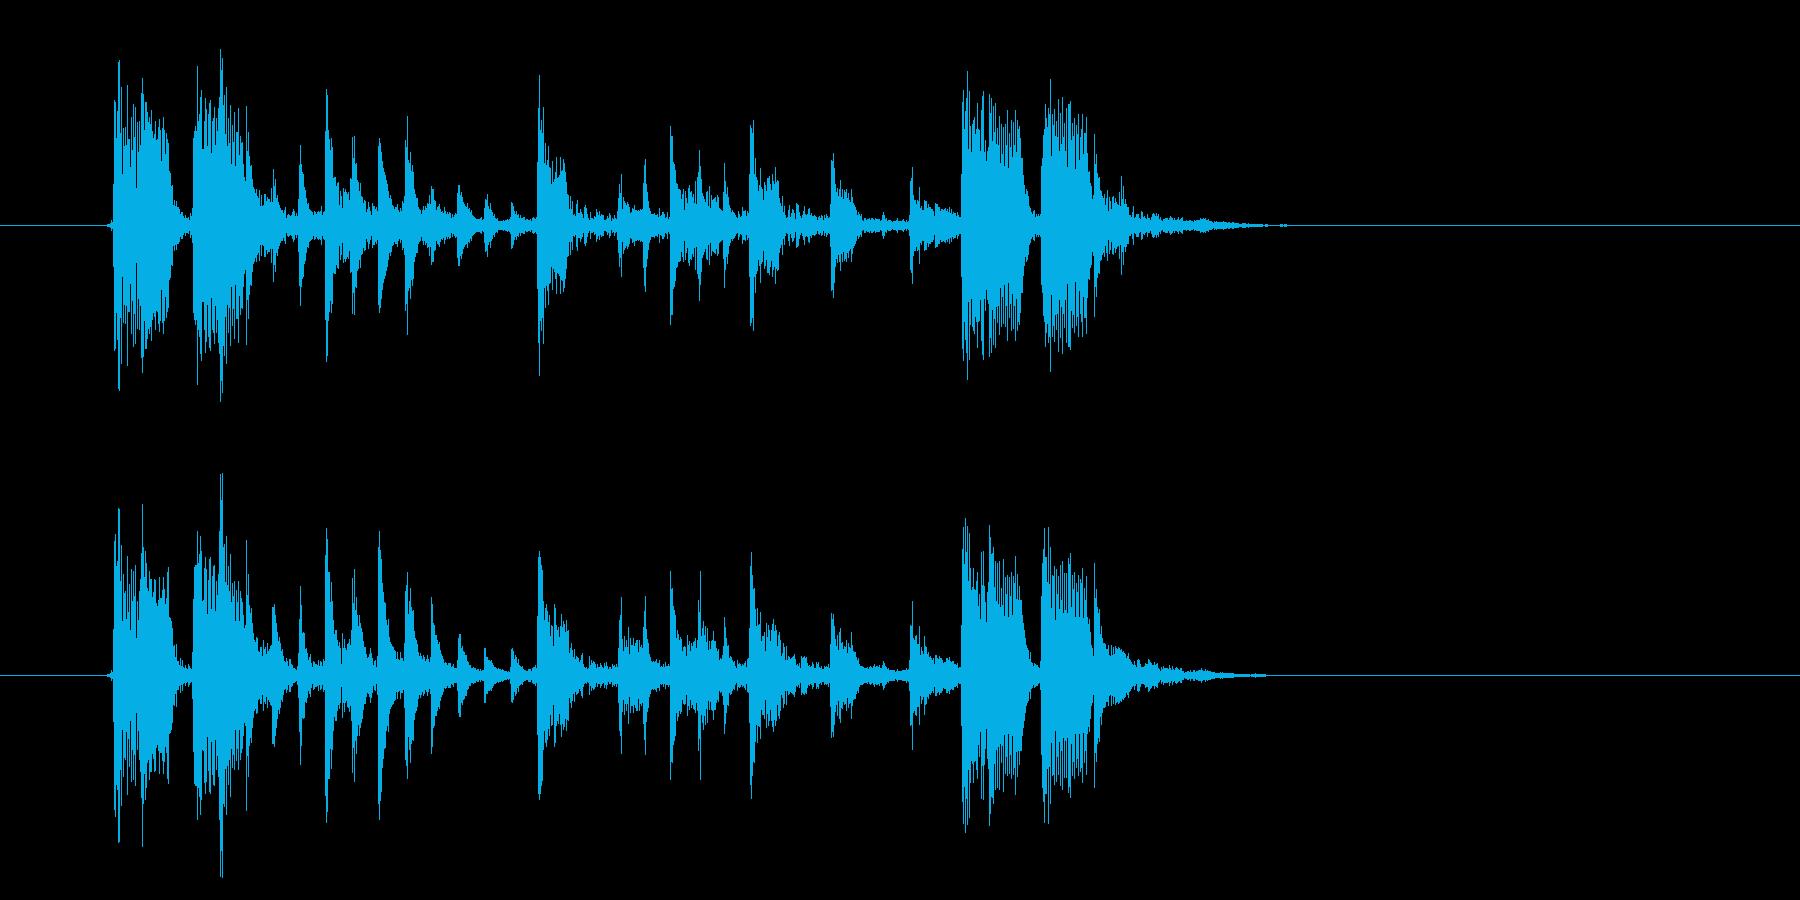 機械的なテクノポップの再生済みの波形